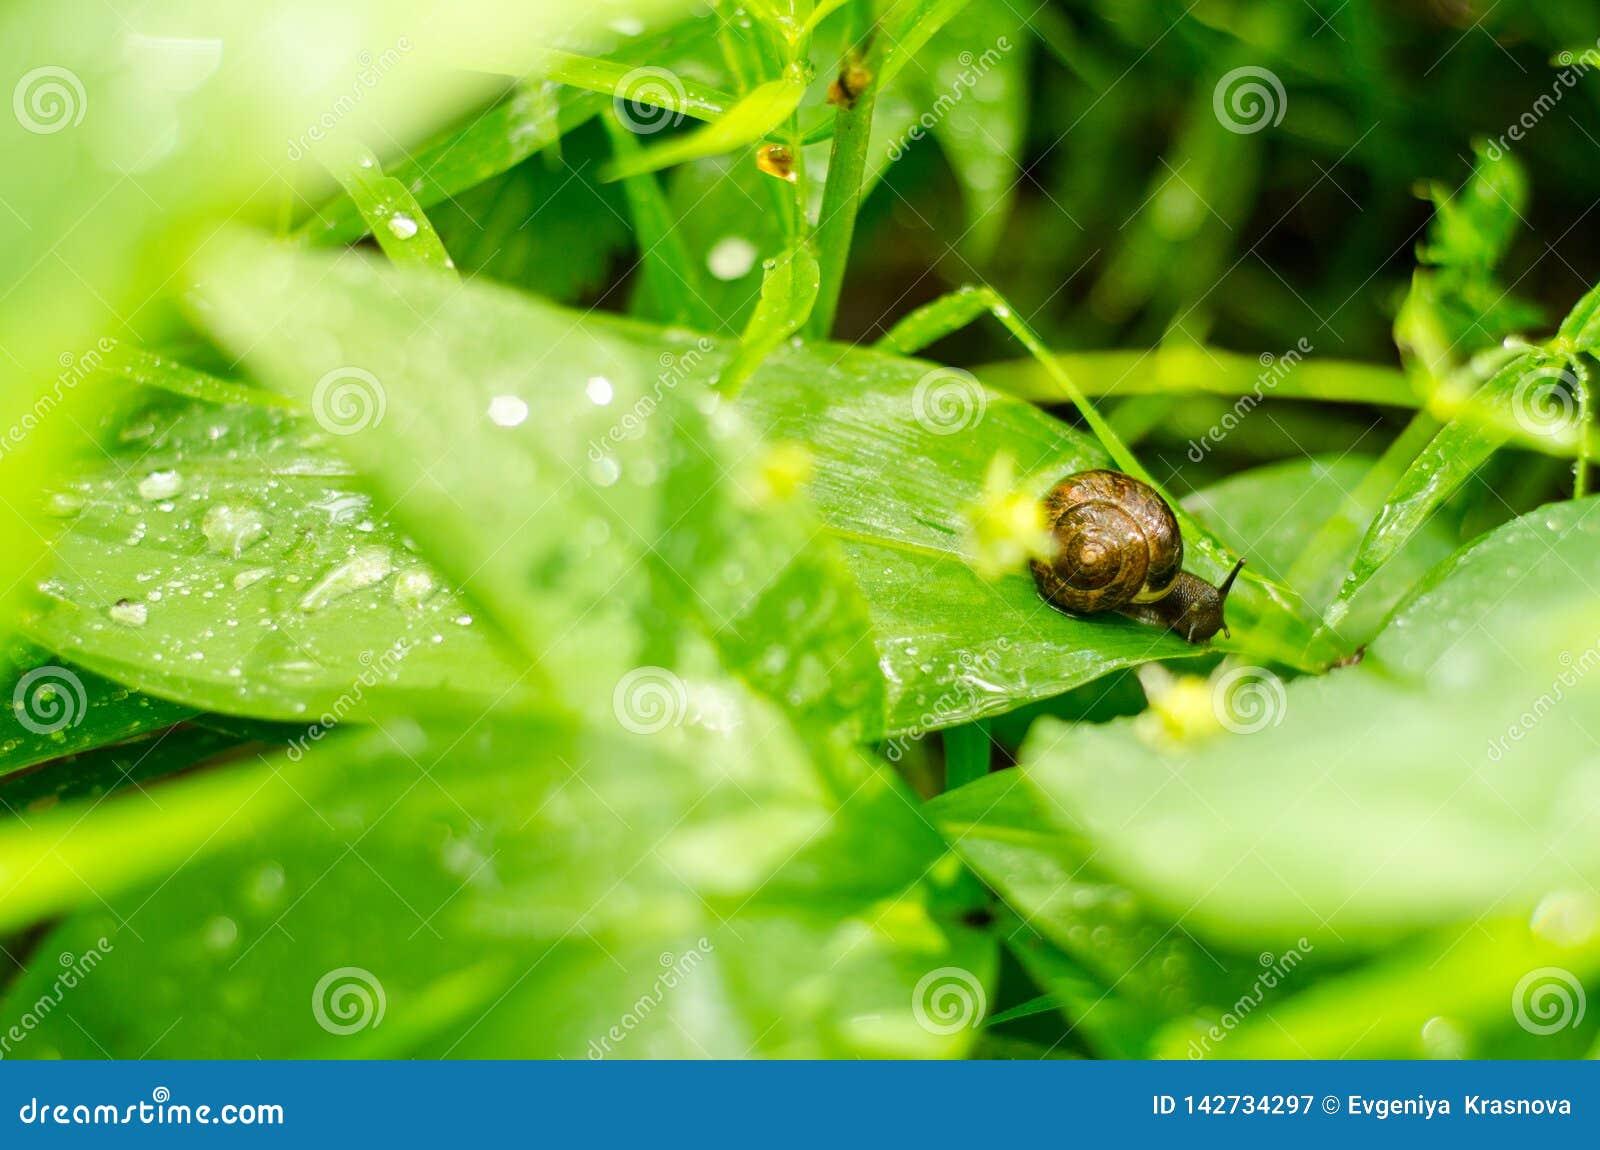 Caracol com escudo marrom em uma folha verde após a chuva do verão